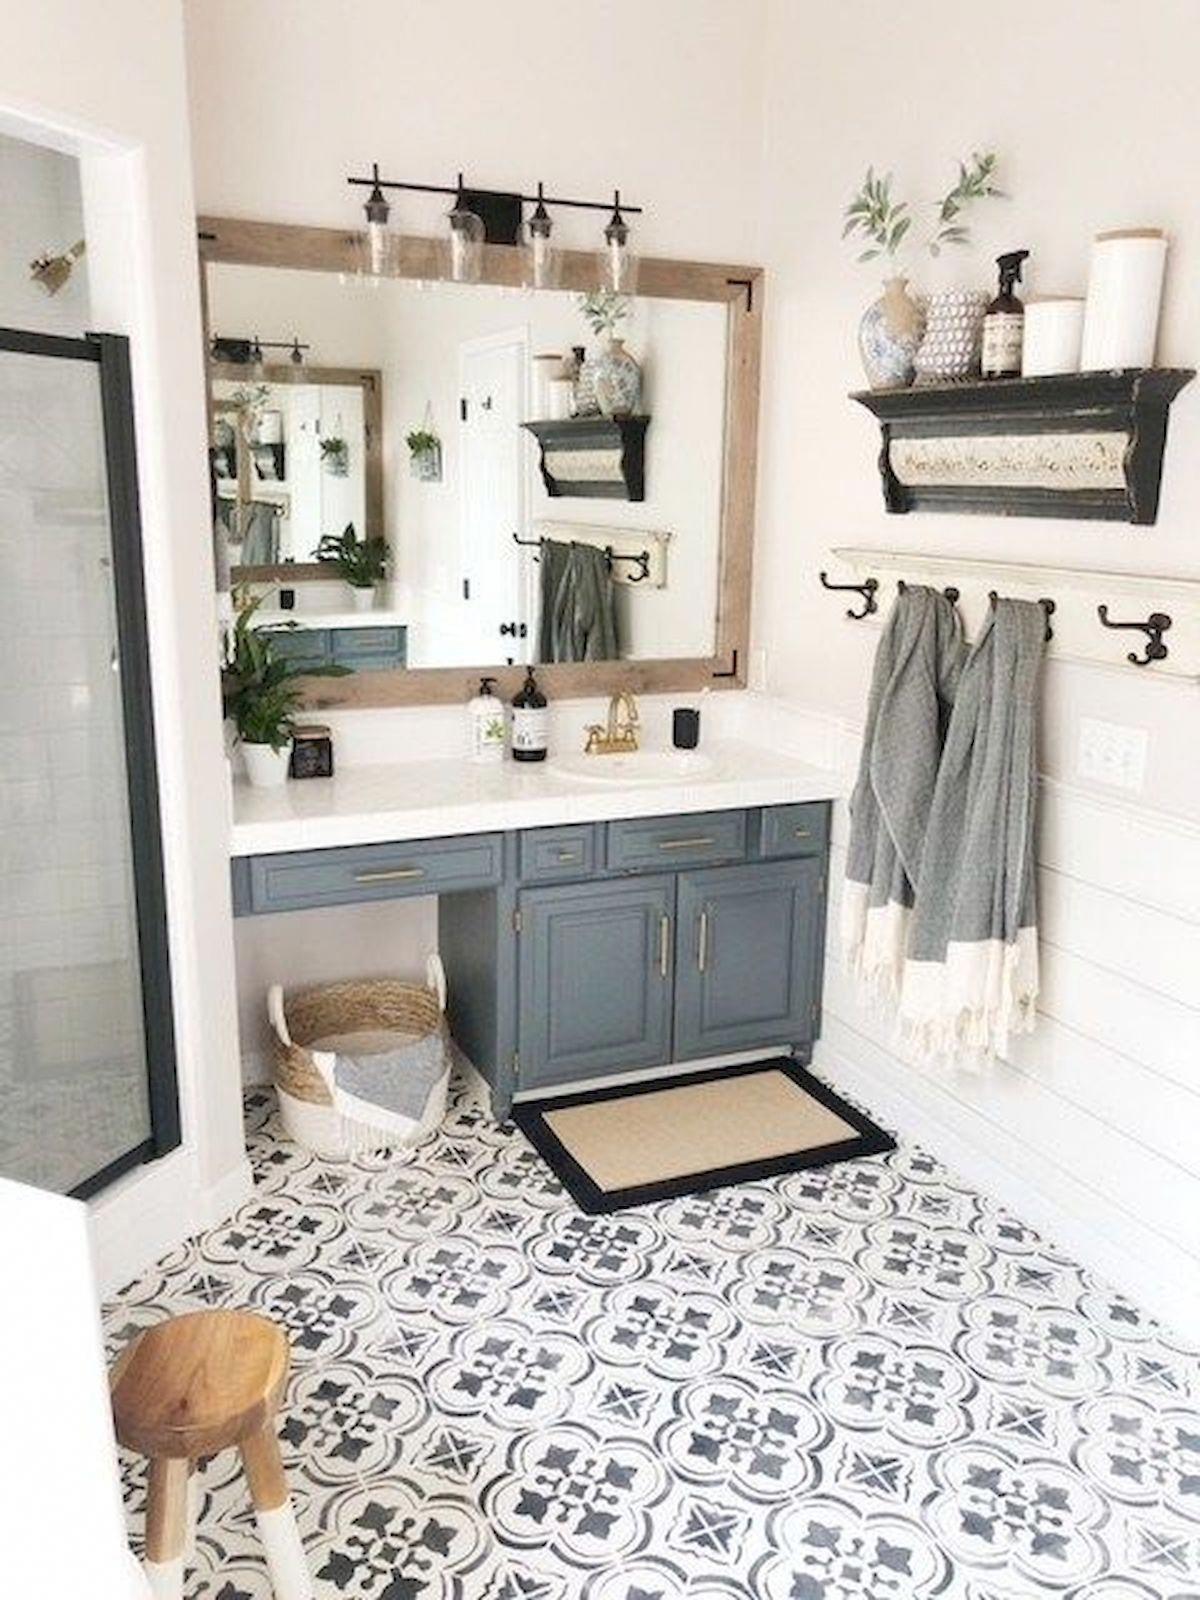 New Bathroom Vanity Lights: New Ideas For Your Bathroom Vanities